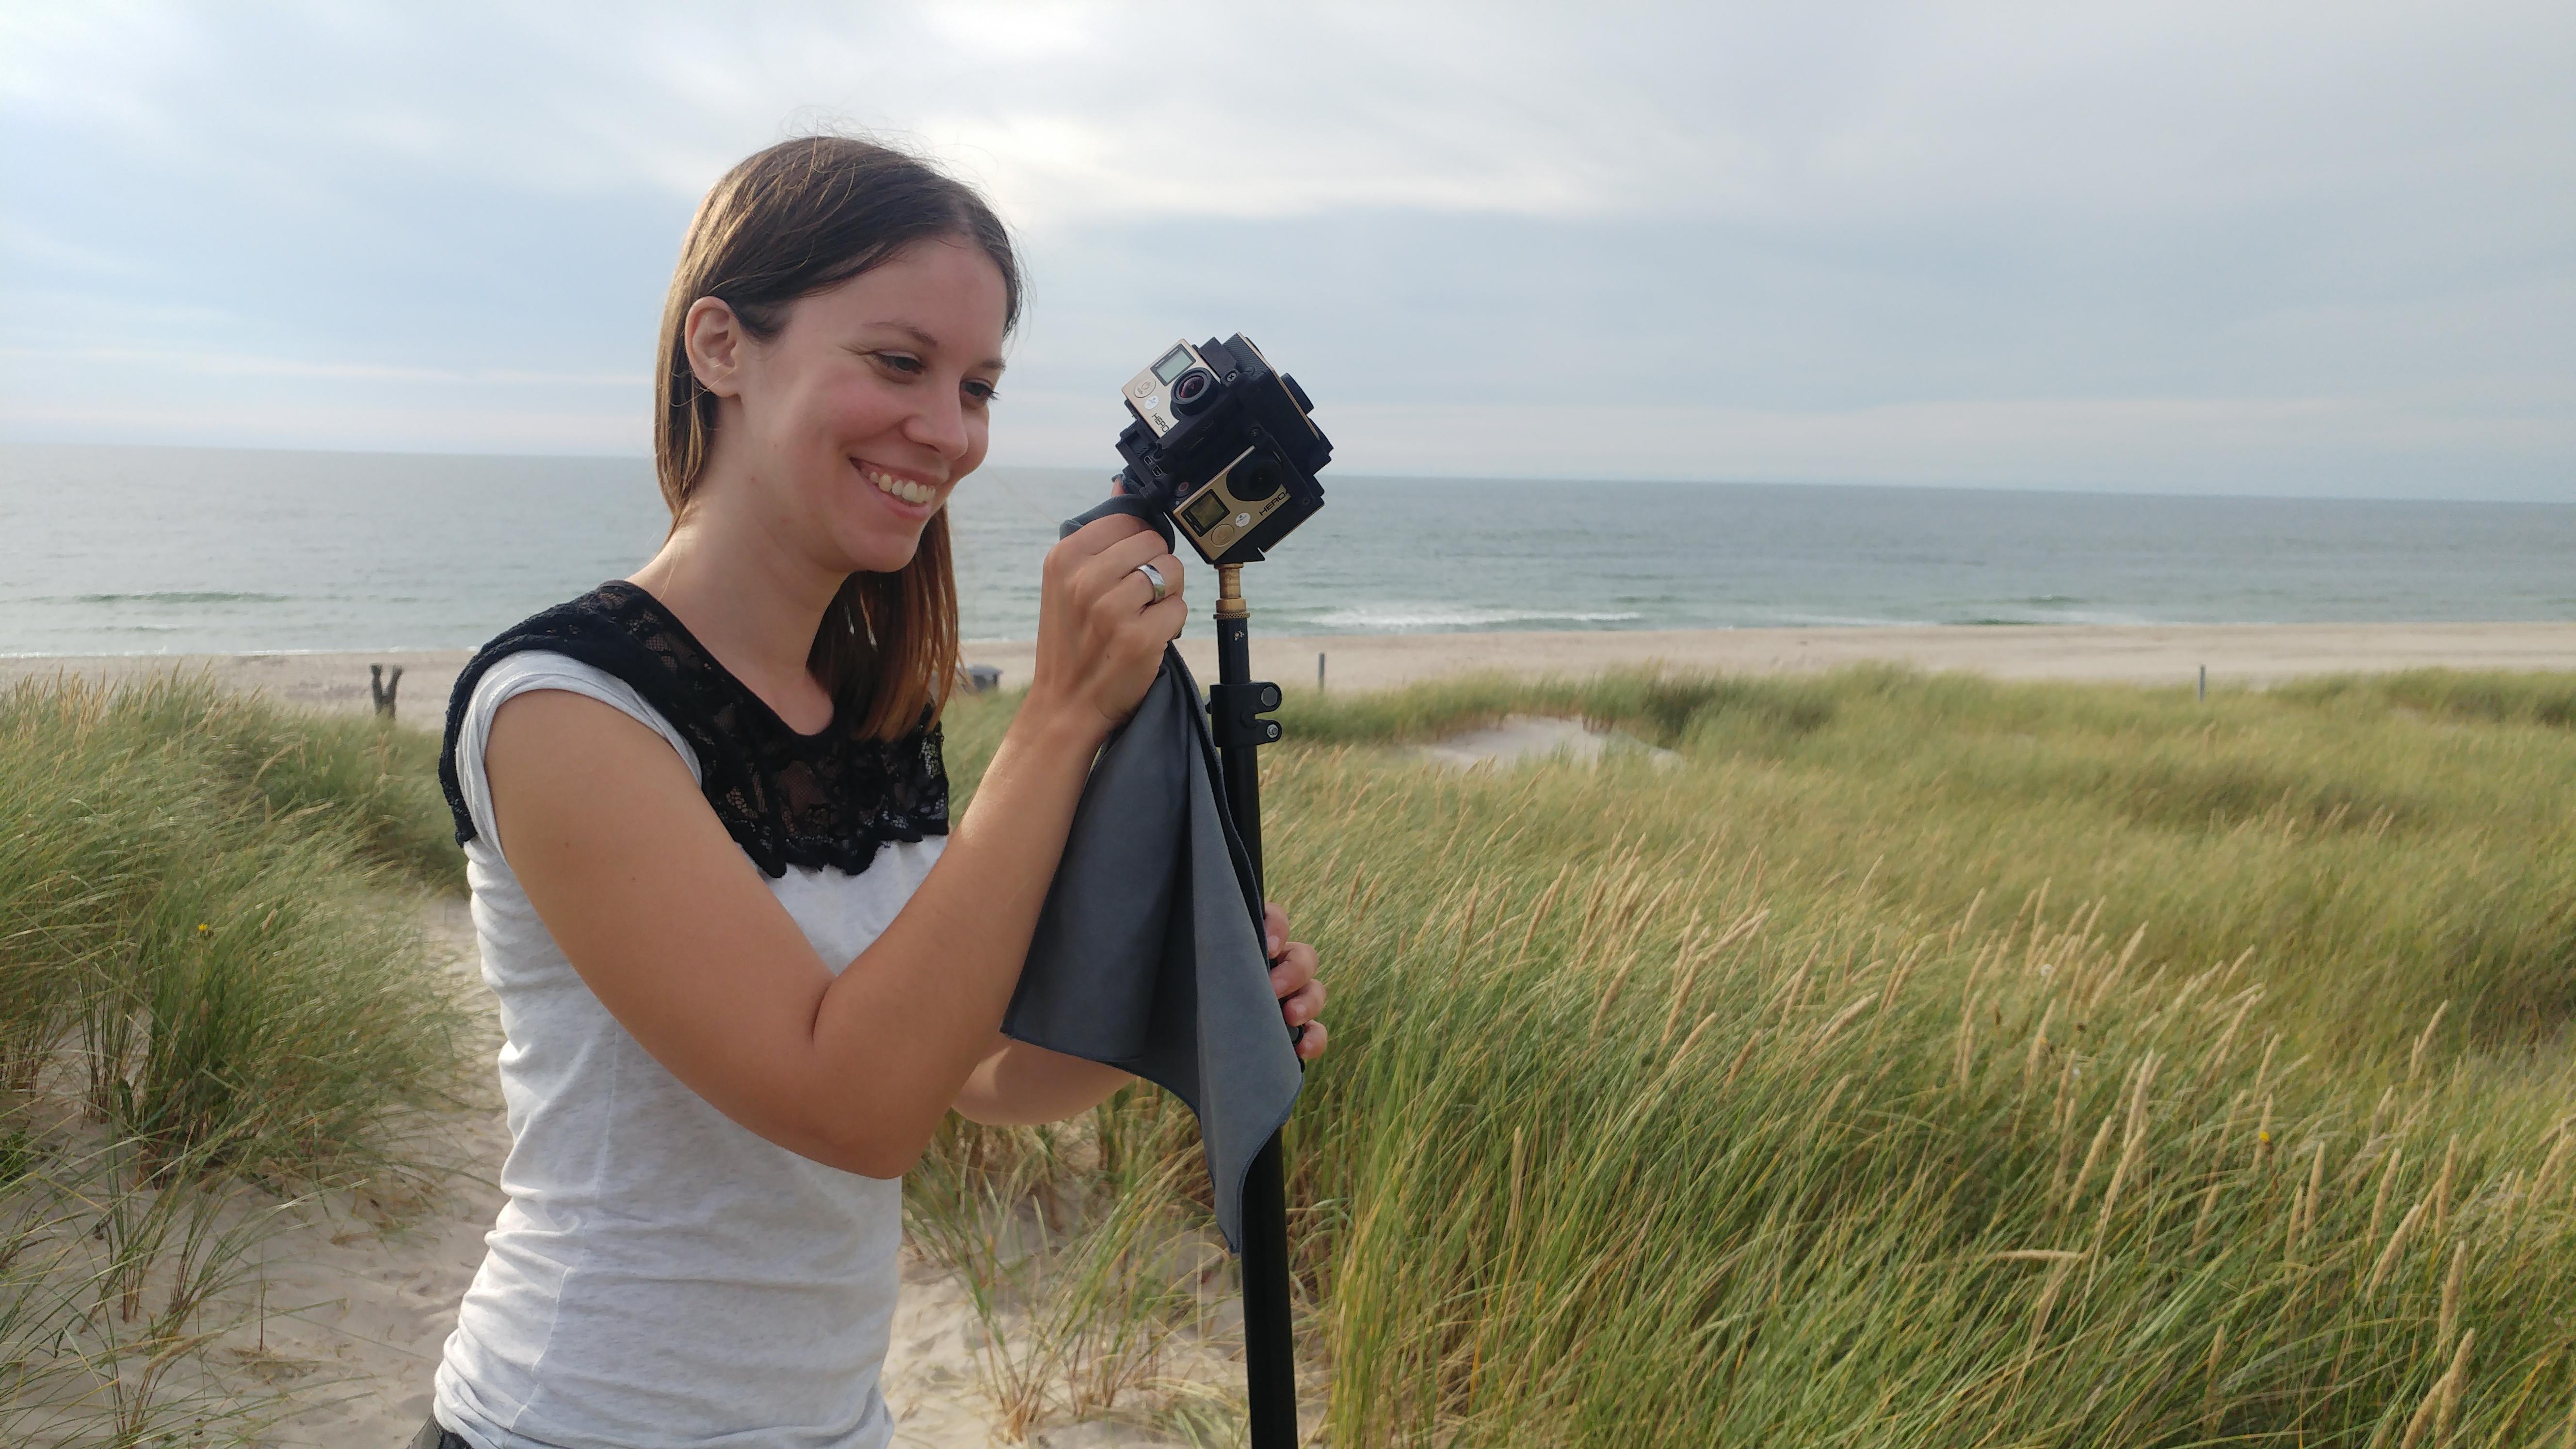 Susanne beim Dreh mit dem GoPro-Mount Freedom360 am Meer.